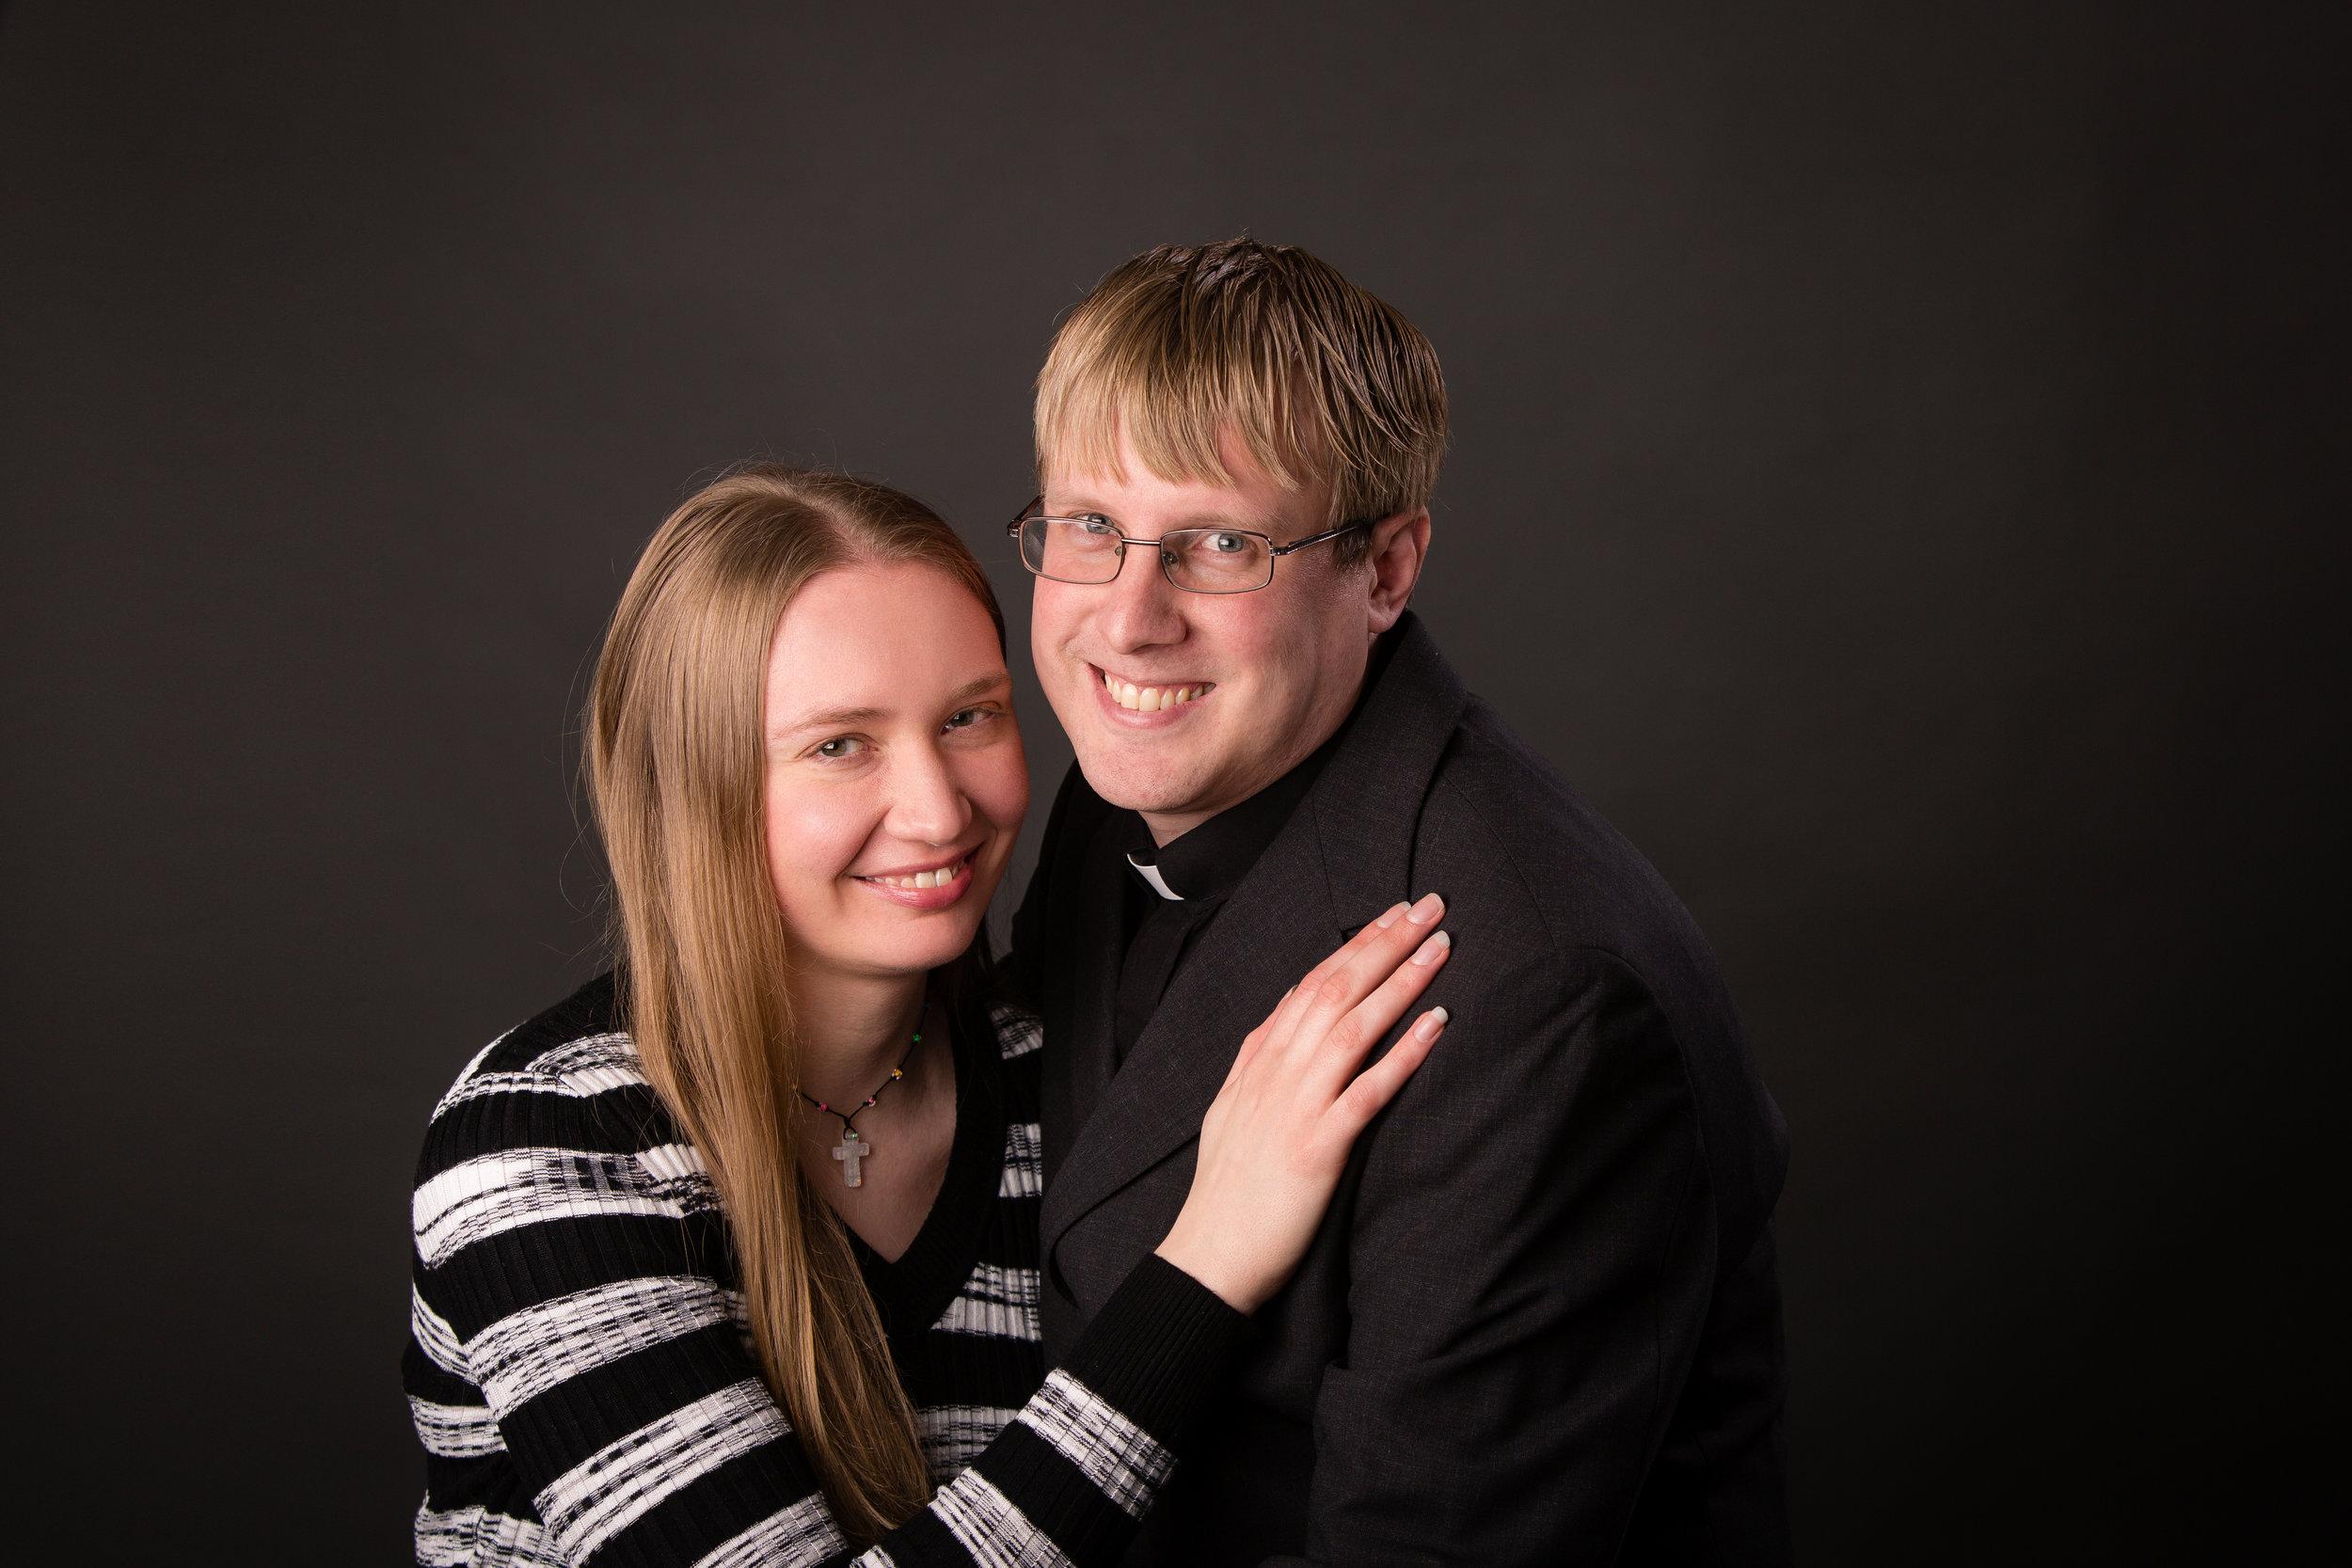 Pastor Stuenkel with his wife, Dana